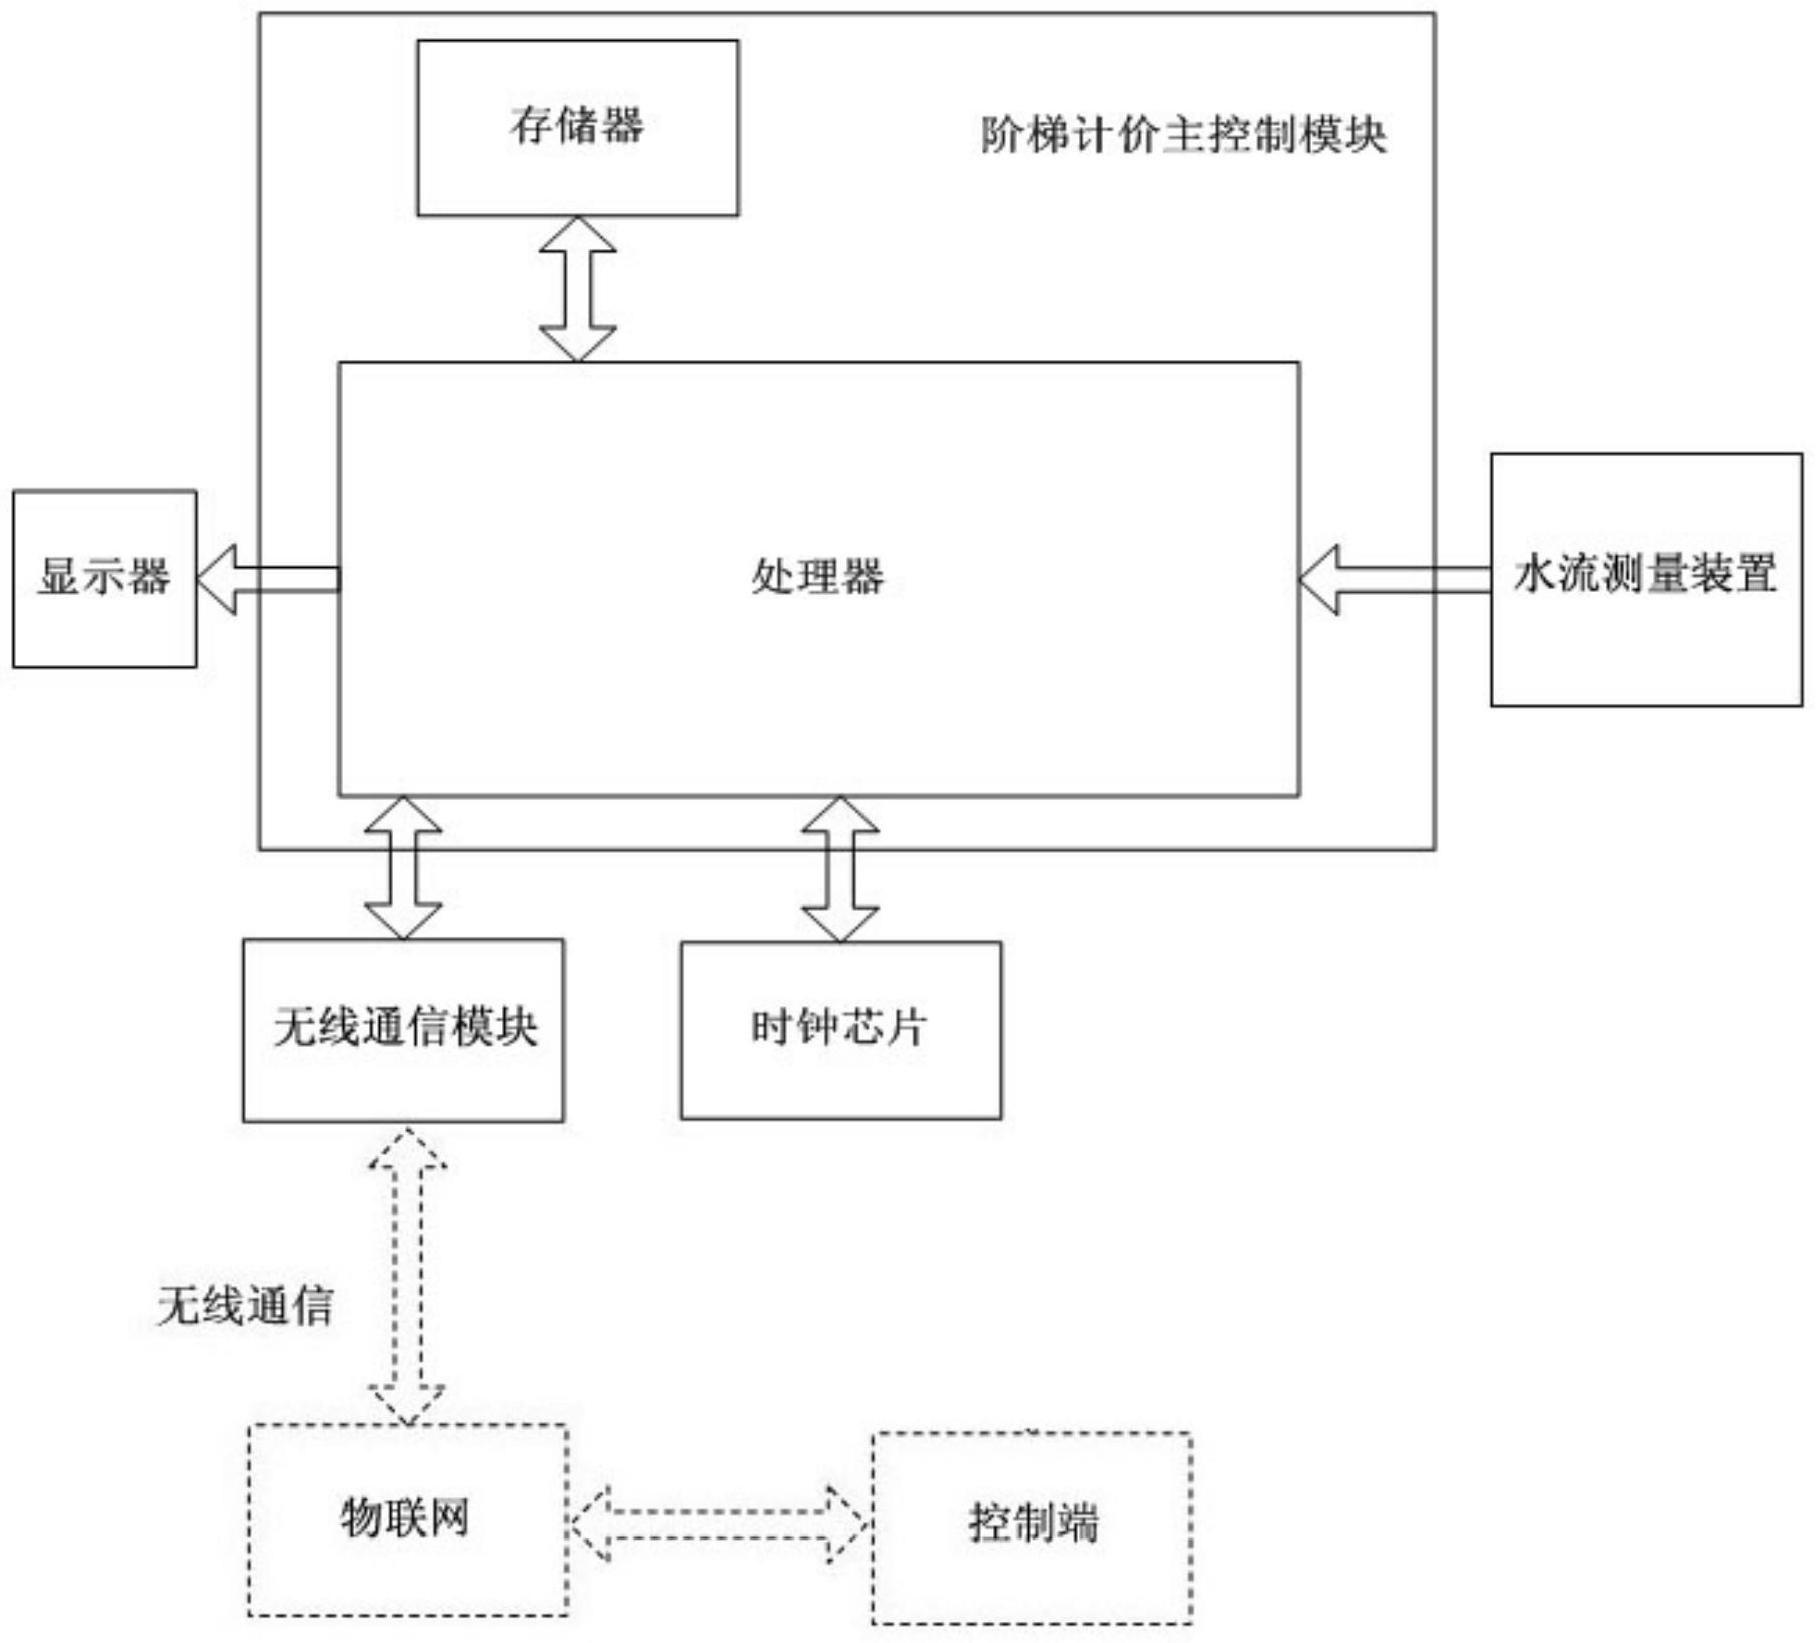 图为用于说明本发明一个实施例的智能水表结构示意框图